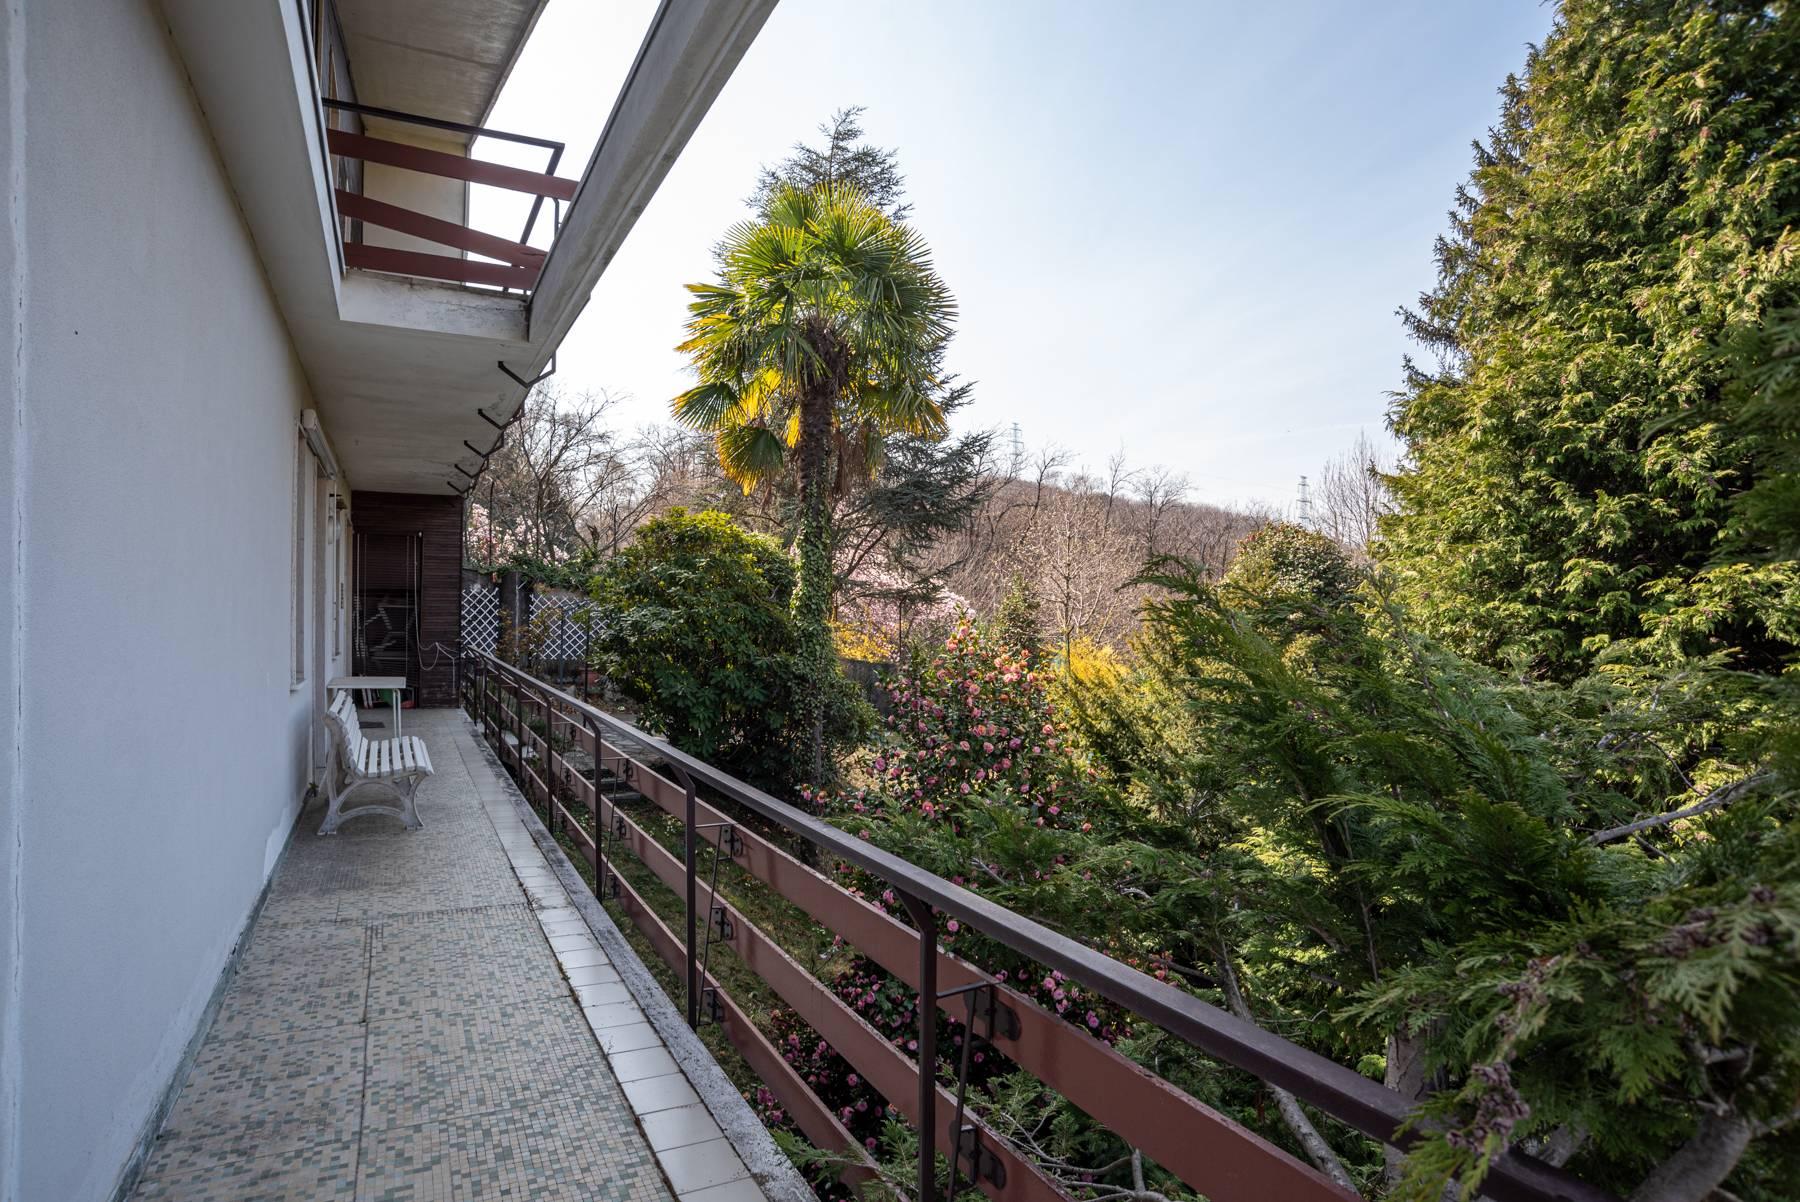 Villa in Vendita a Arona: 5 locali, 350 mq - Foto 22